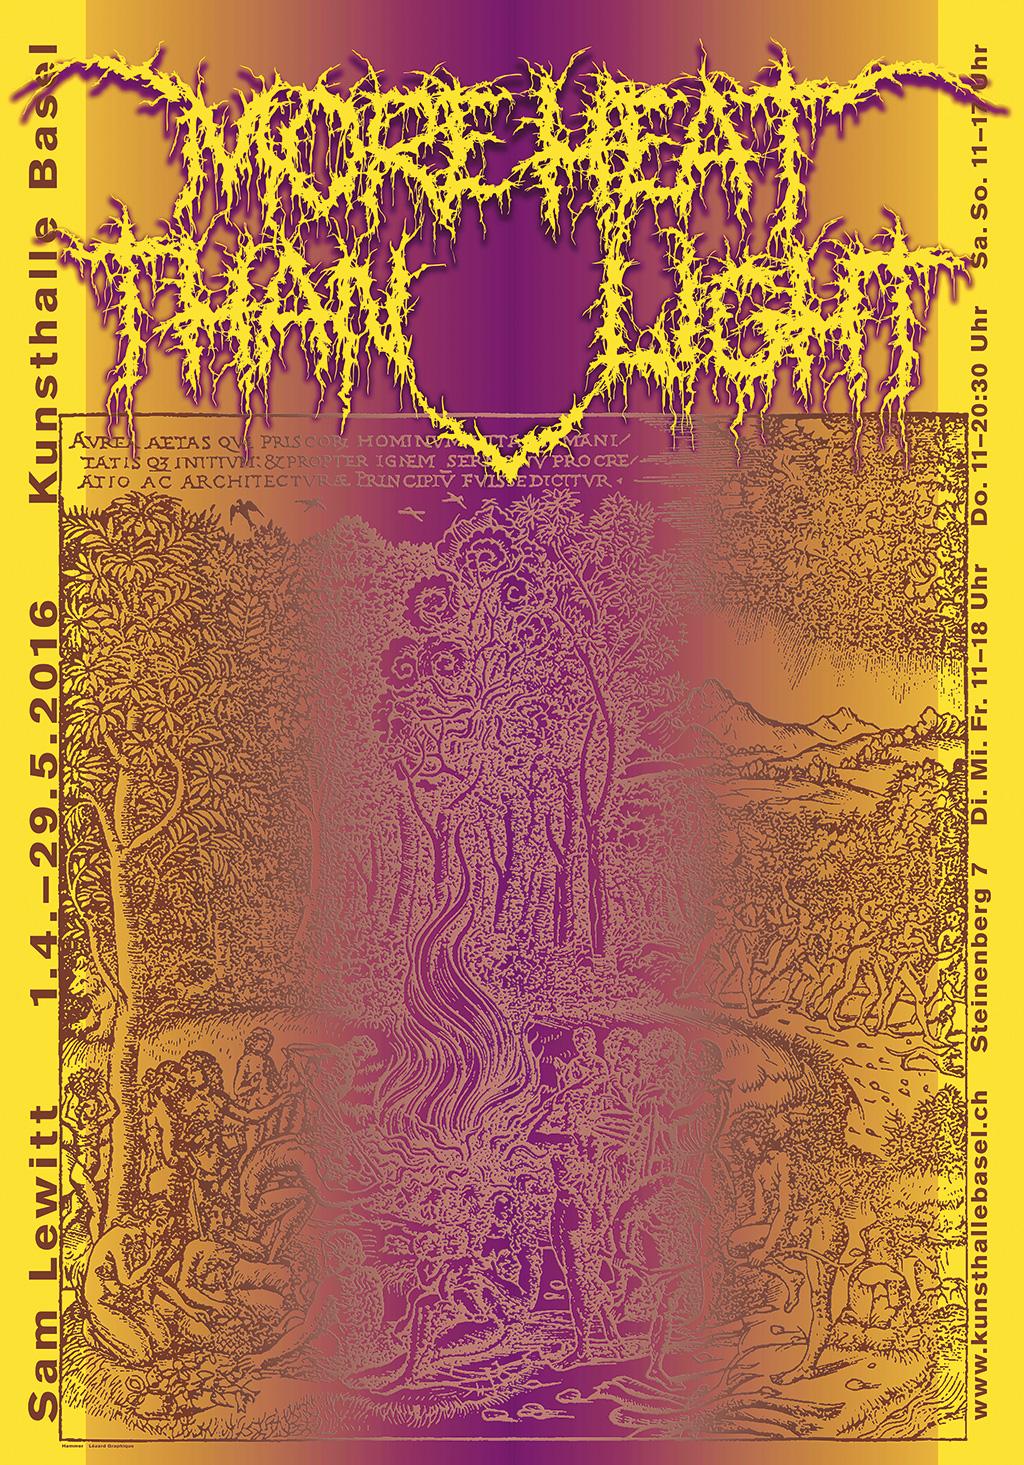 """Hammer's poster for Sam Lewitt """"More Heat Than Light"""" at Kunsthalle Basel"""